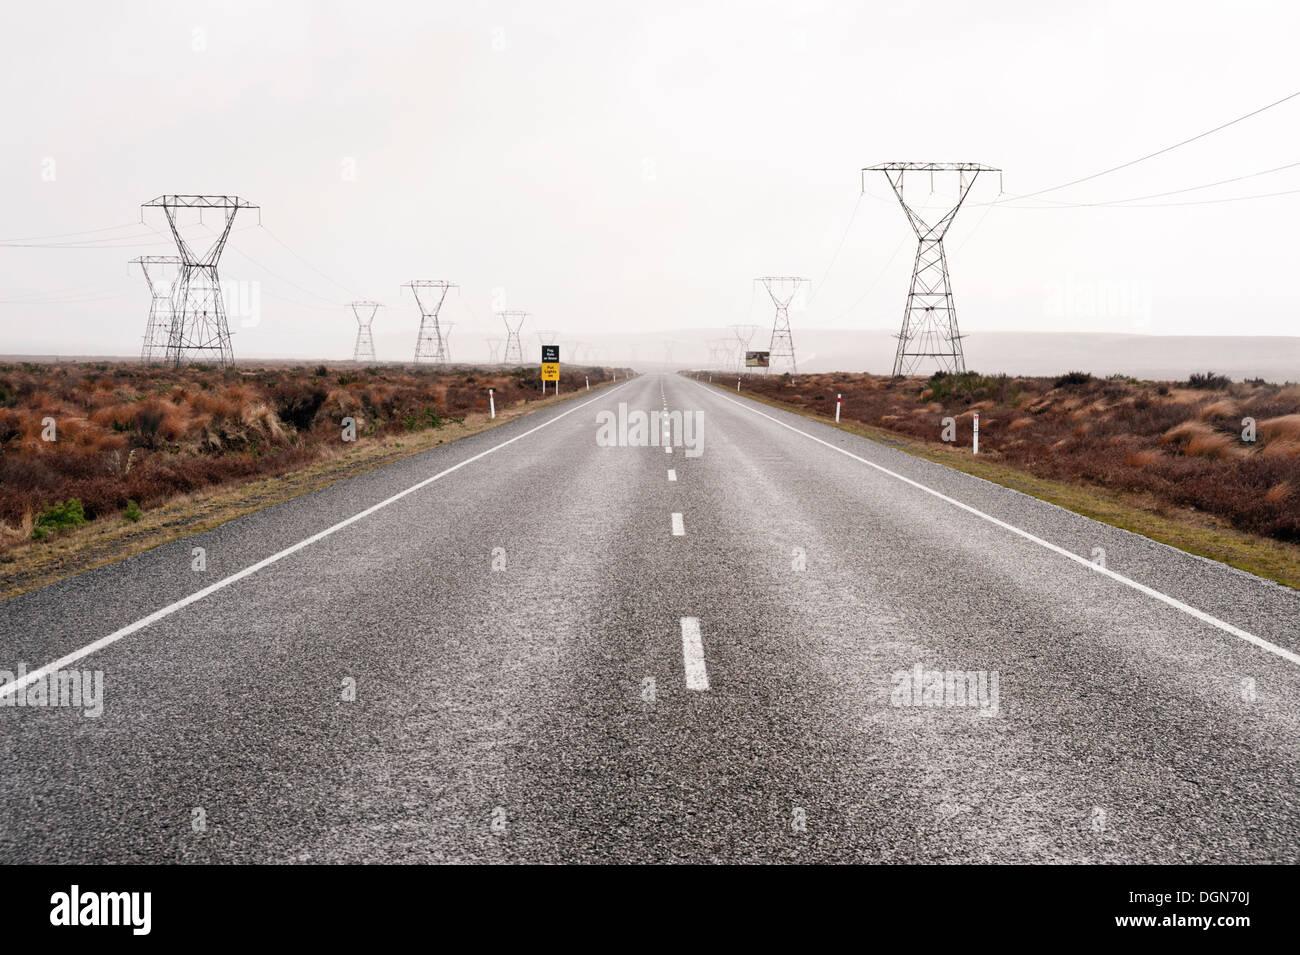 Les lignes de transport d'électricité le long de la Route 1 Route du désert, dans la région volcanique près du lac Taupo, île du Nord, Nouvelle-Zélande Photo Stock